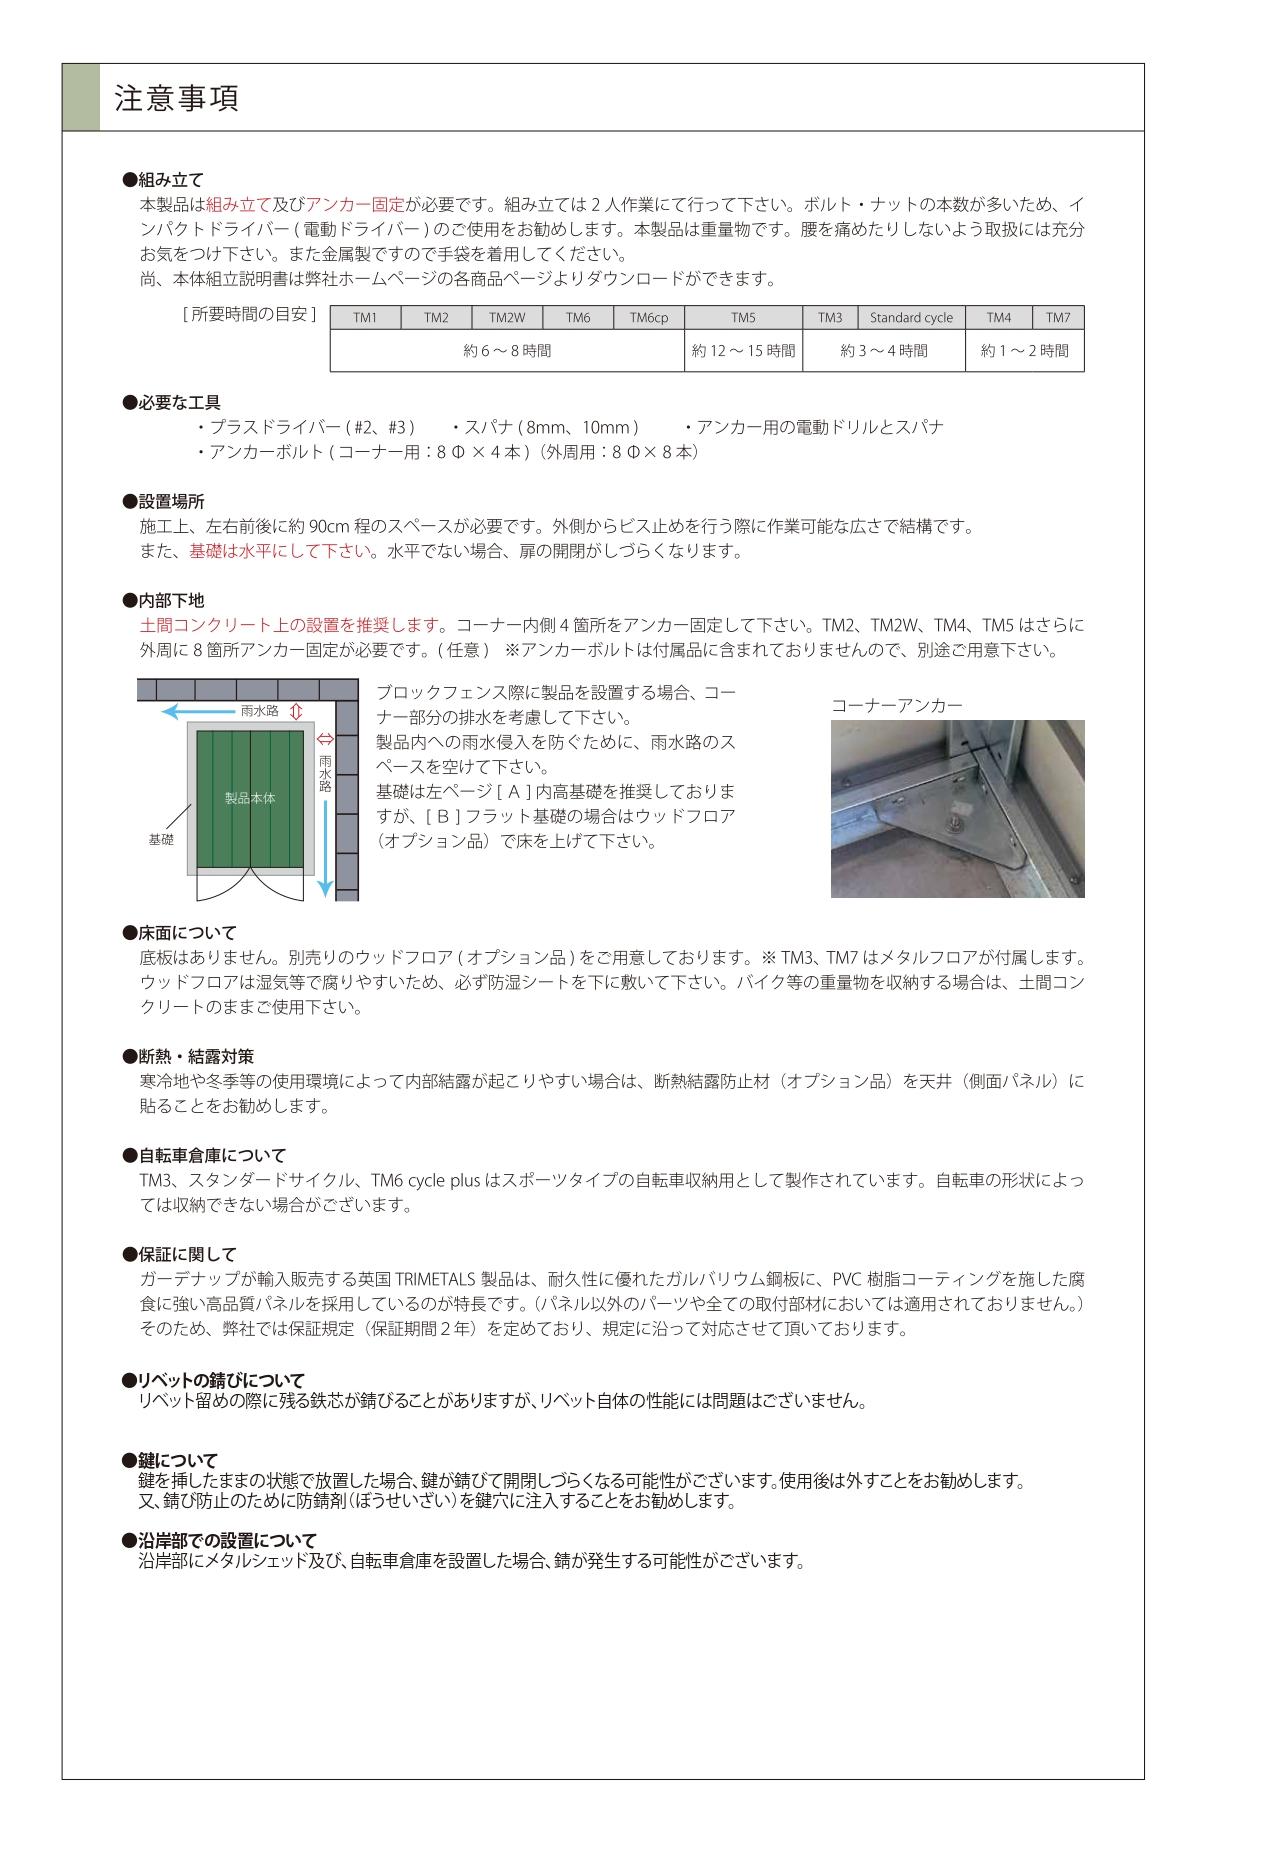 メタルシェッド 注意事項_page-0001